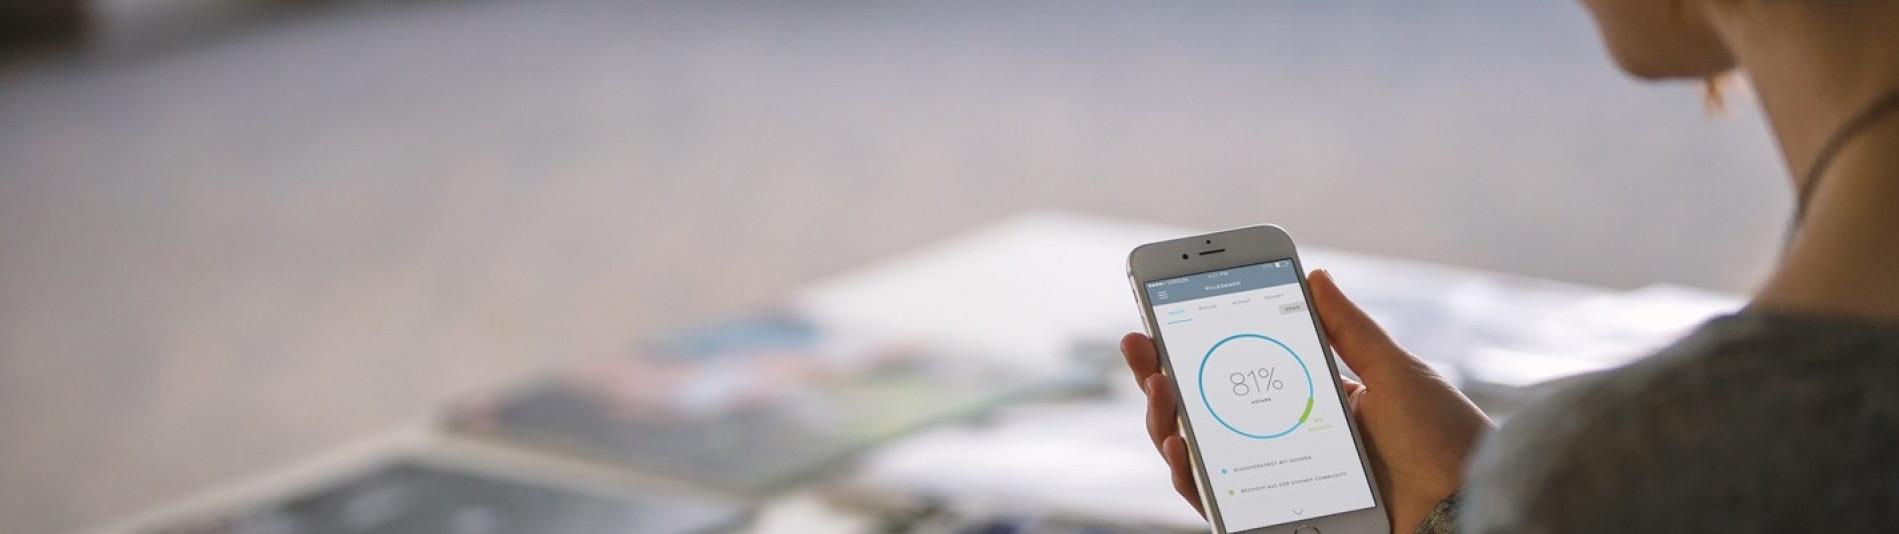 Frau benutzt sonnen App auf ihrem Handy um ihren Strom Verbrauch  zu ermitteln und somit Geld zu sparen